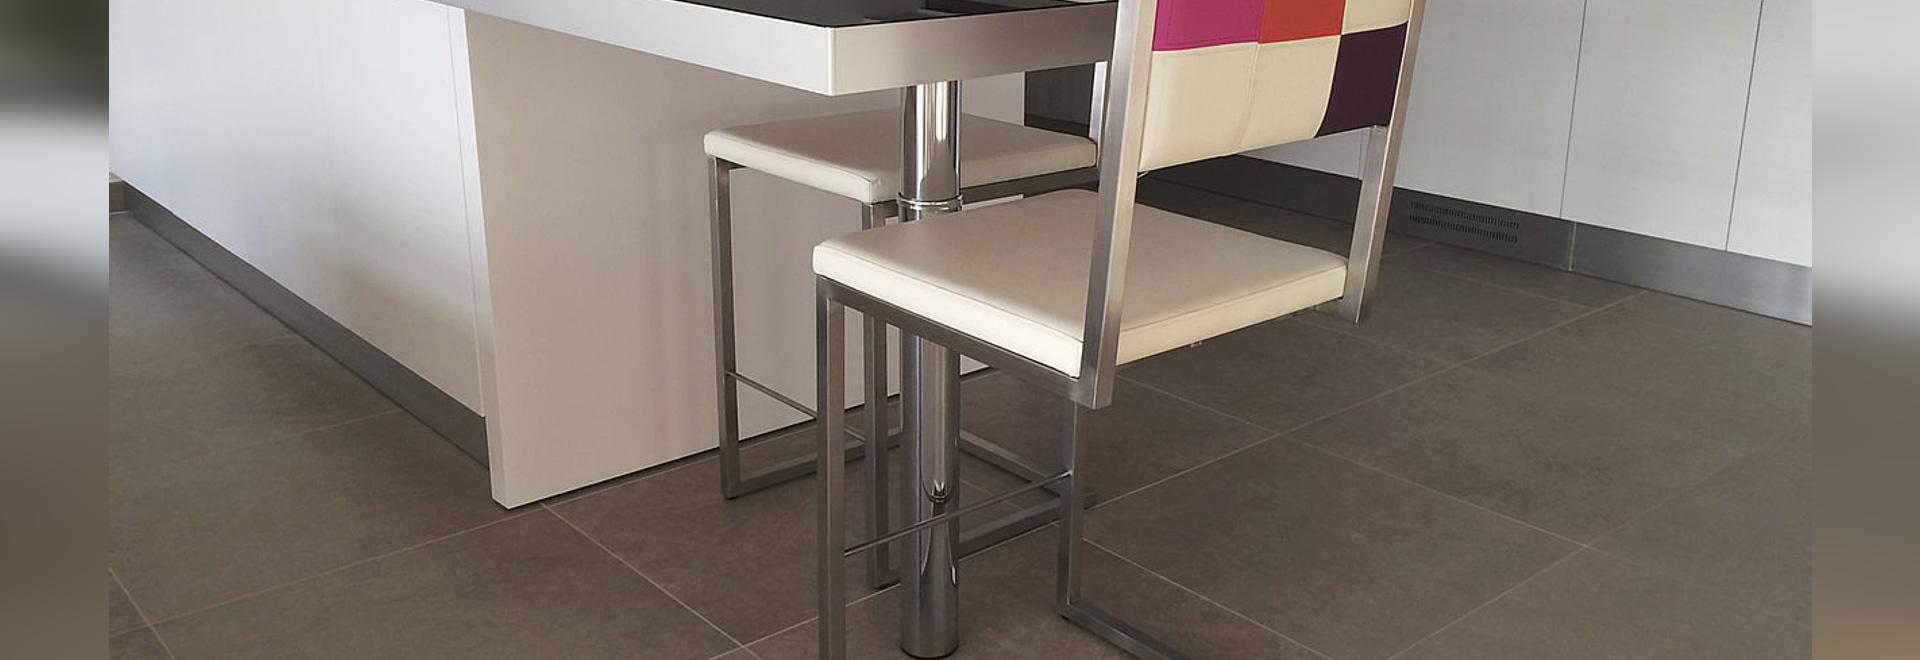 chaise de bar et de cuisine sur mesure echass-pied - les pieds sur ... - Table De Cuisine Sur Mesure